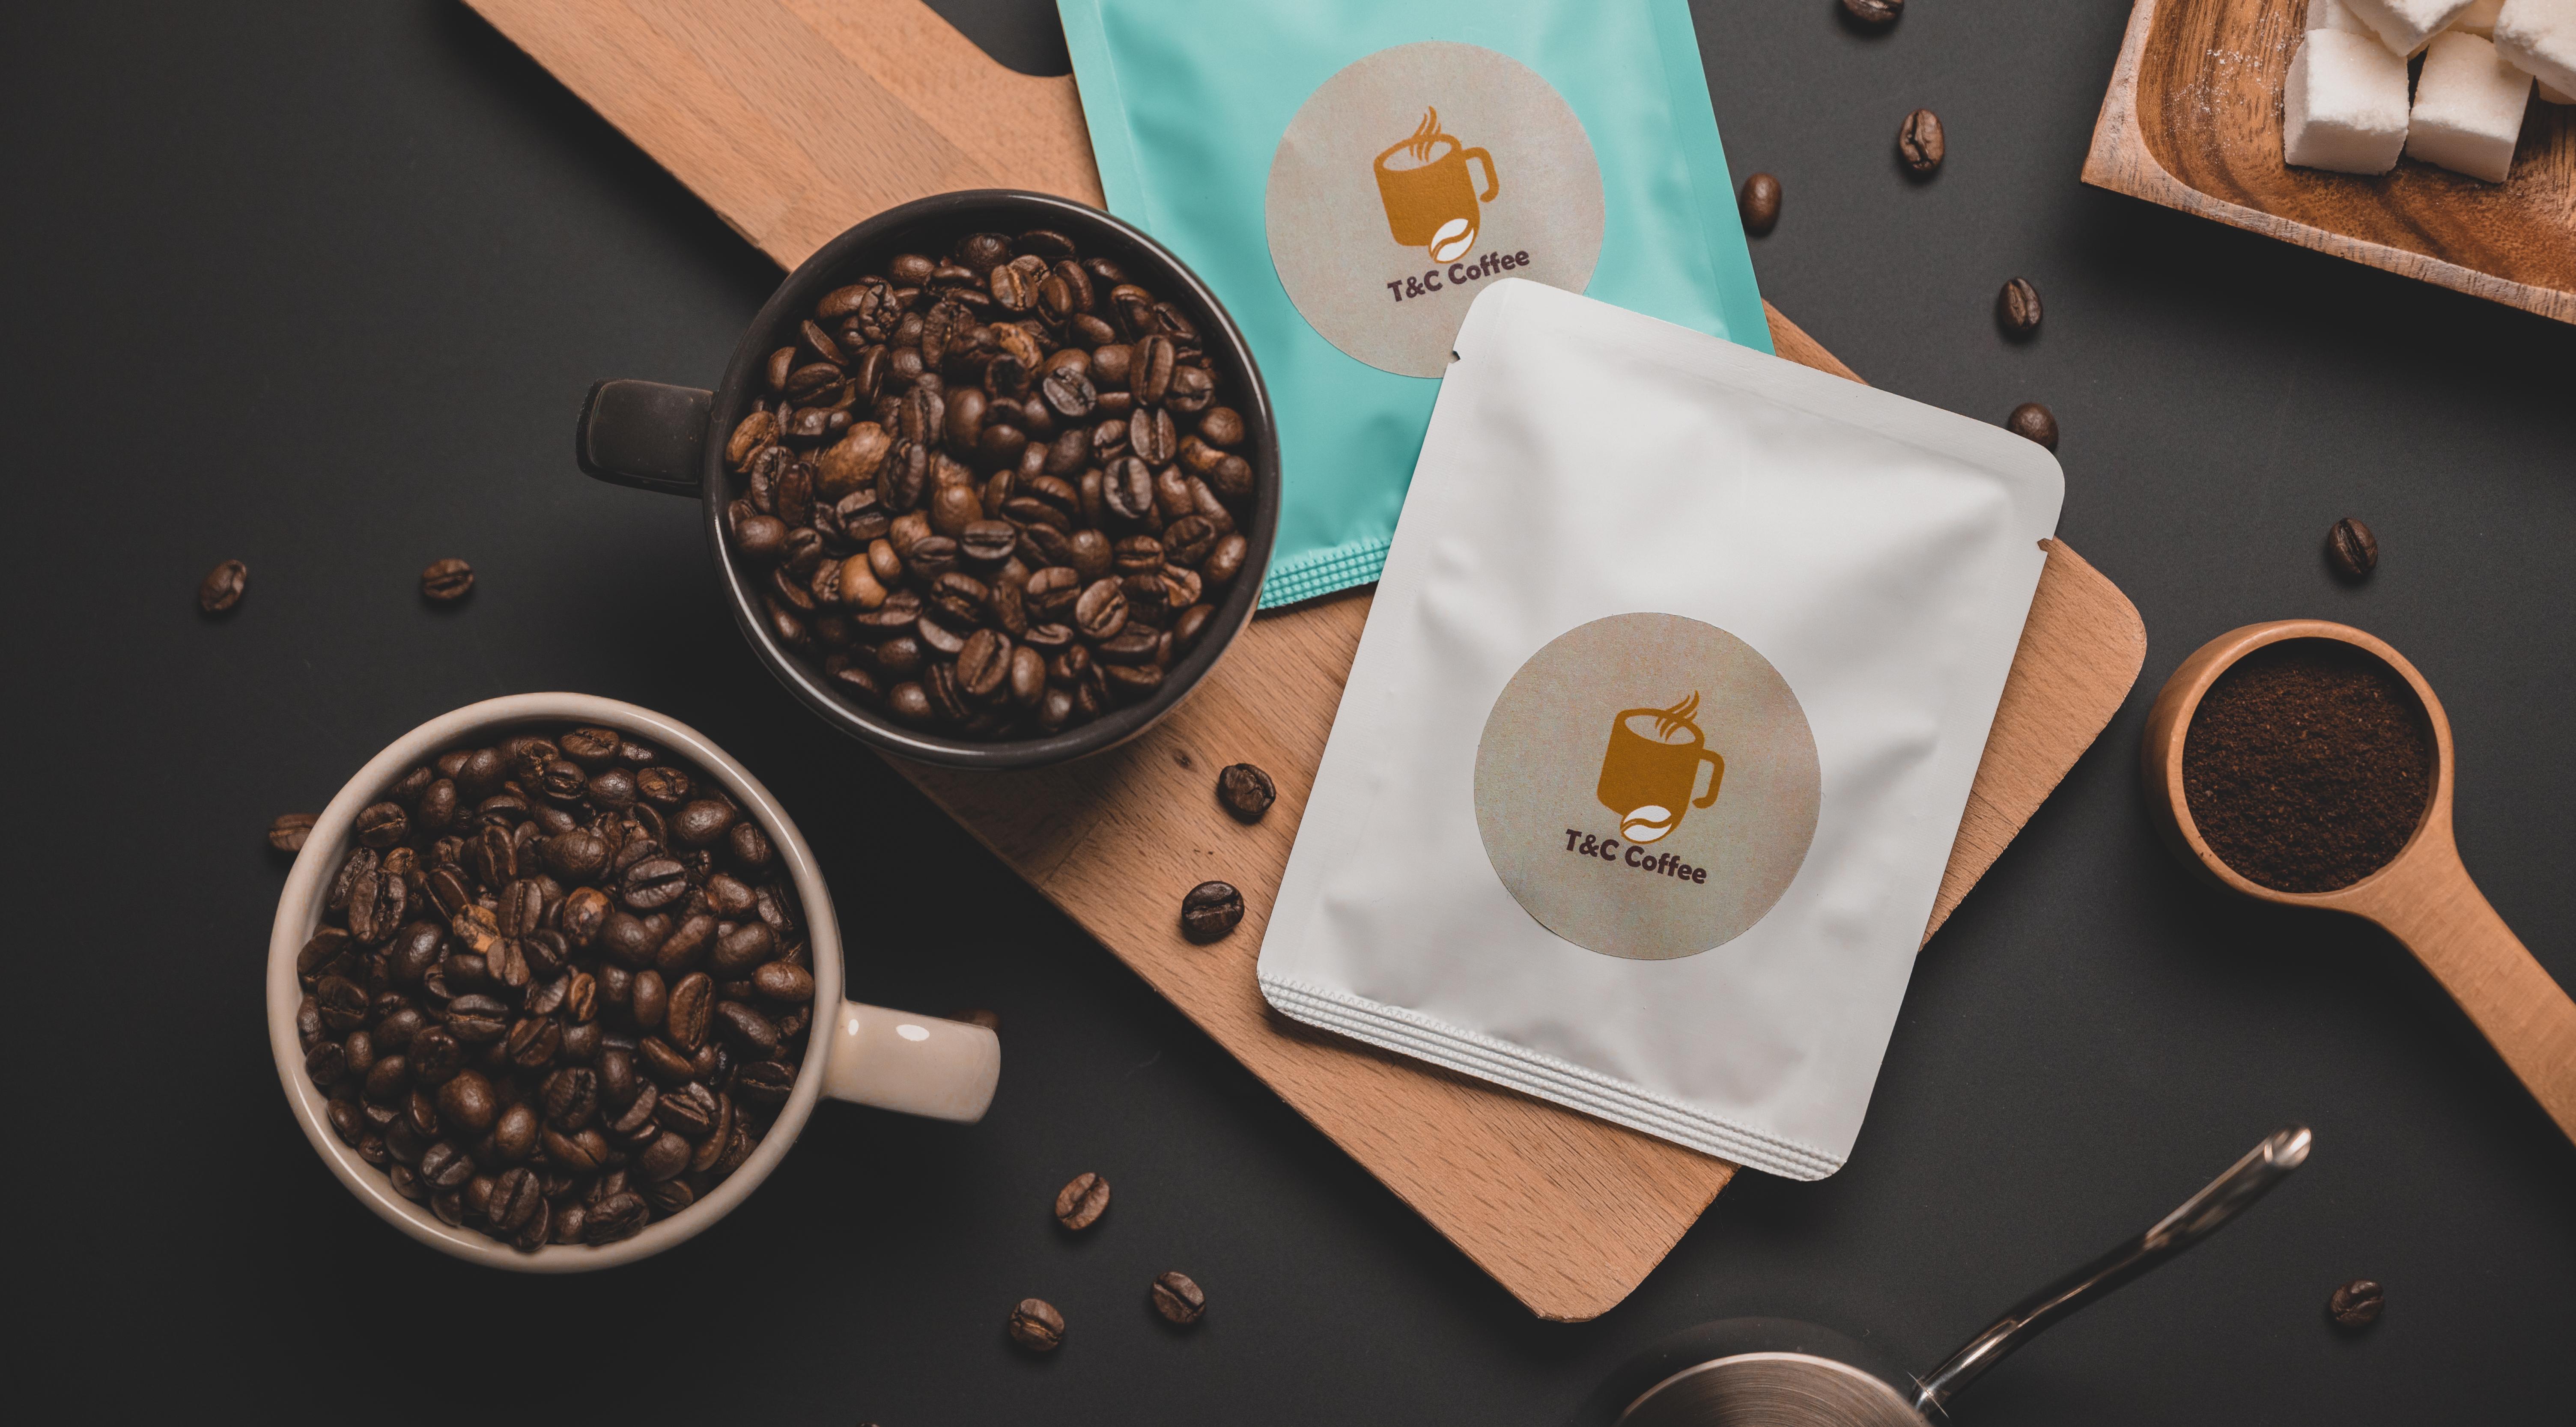 【贈手沖壺】28健康通販 ICT金牌獎咖啡豆 - 飽滿香氣禮盒組(15包濾泡掛耳咖啡)